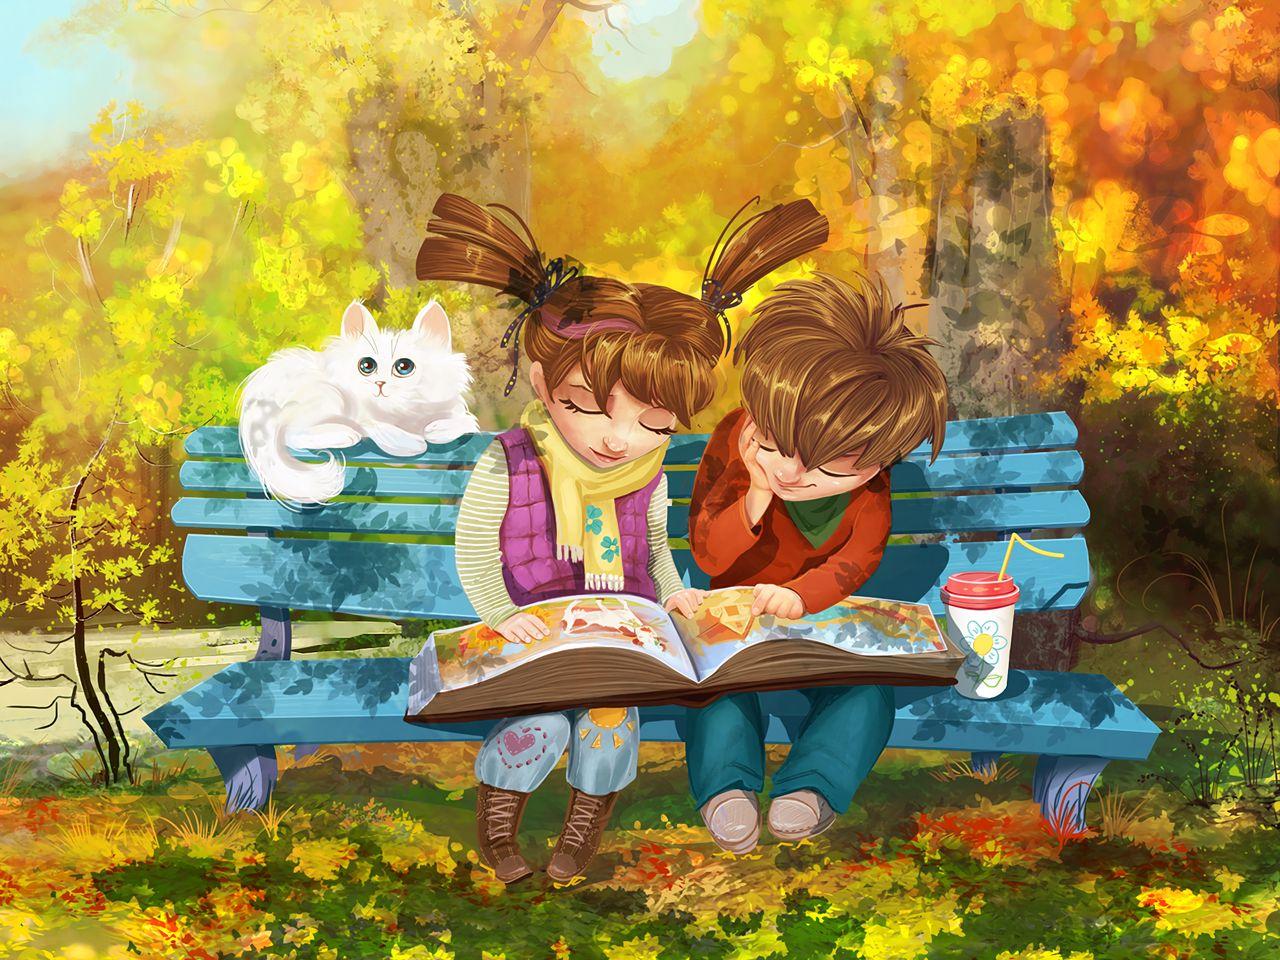 1280x960 Wallpaper boy, girl, cat, bench, park, cute